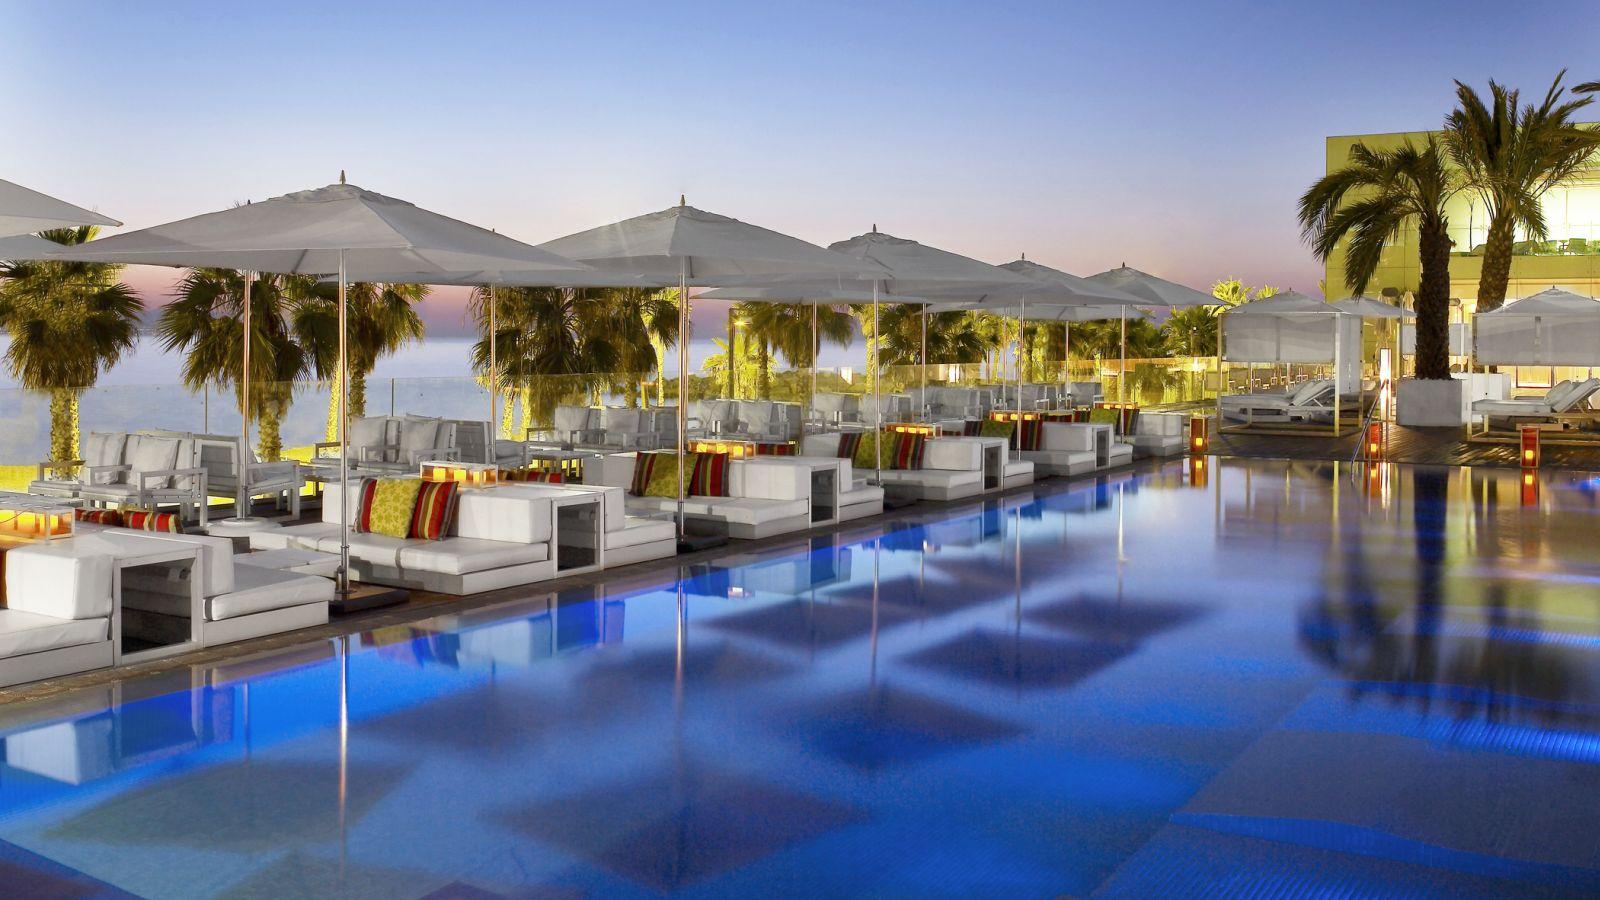 Los 5 mejores bares en azoteas de barcelona para disfrutar la noche de sant joan - Hotel piscina barcellona ...